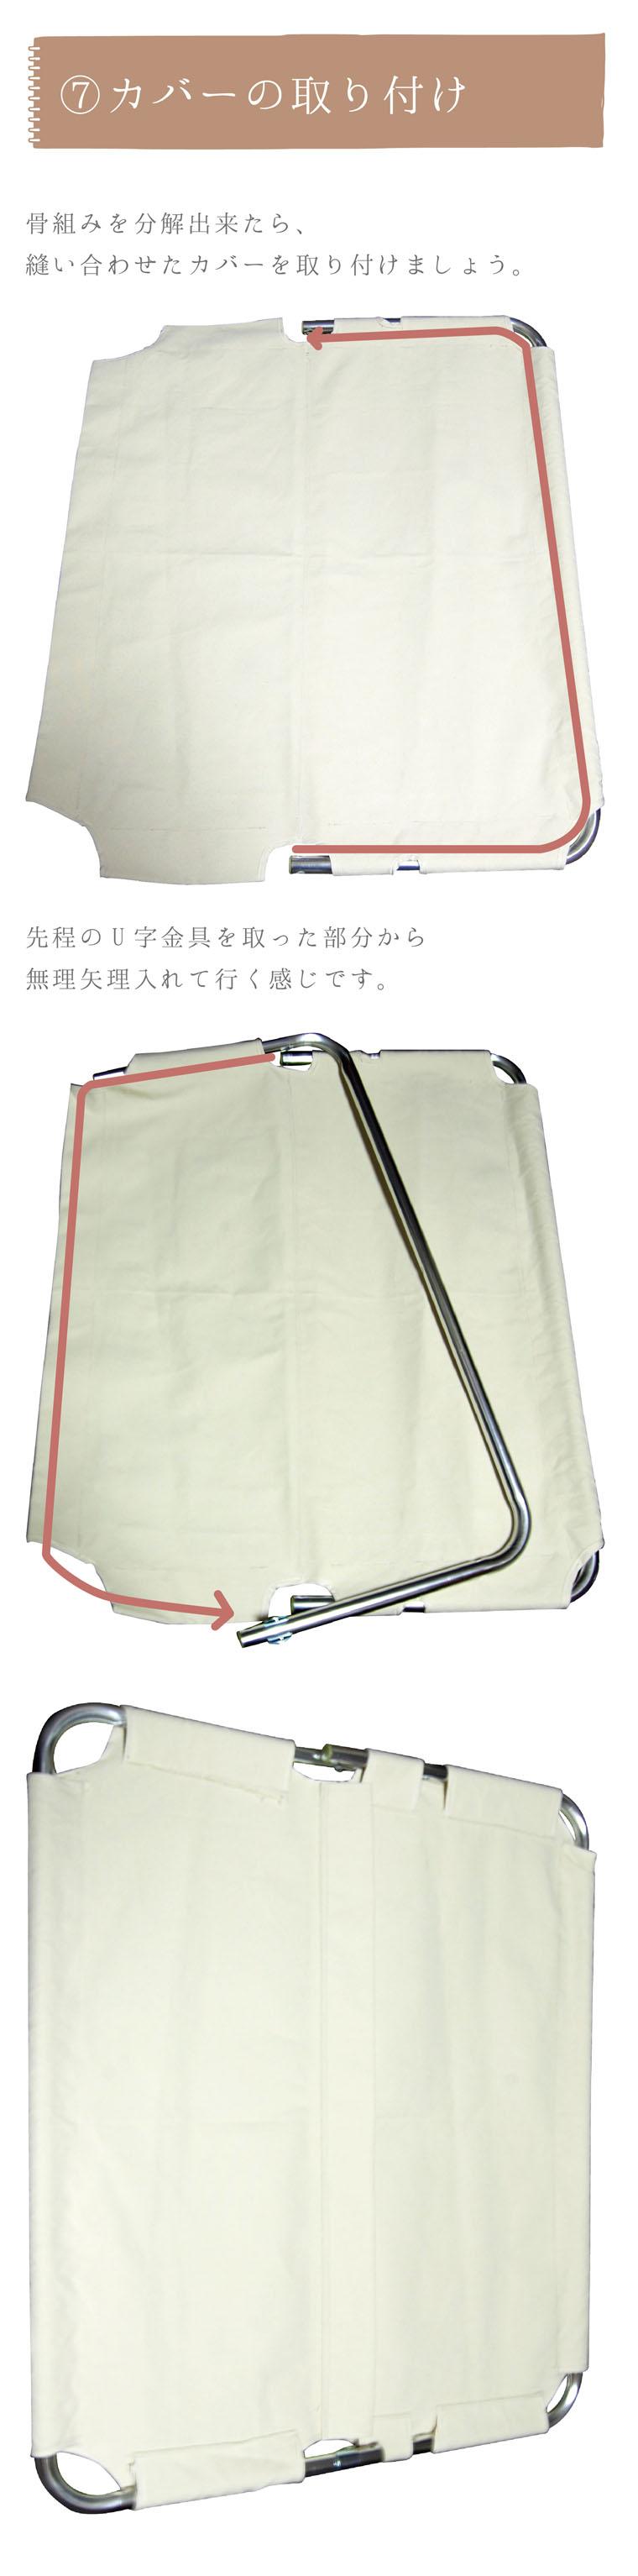 shikachair012